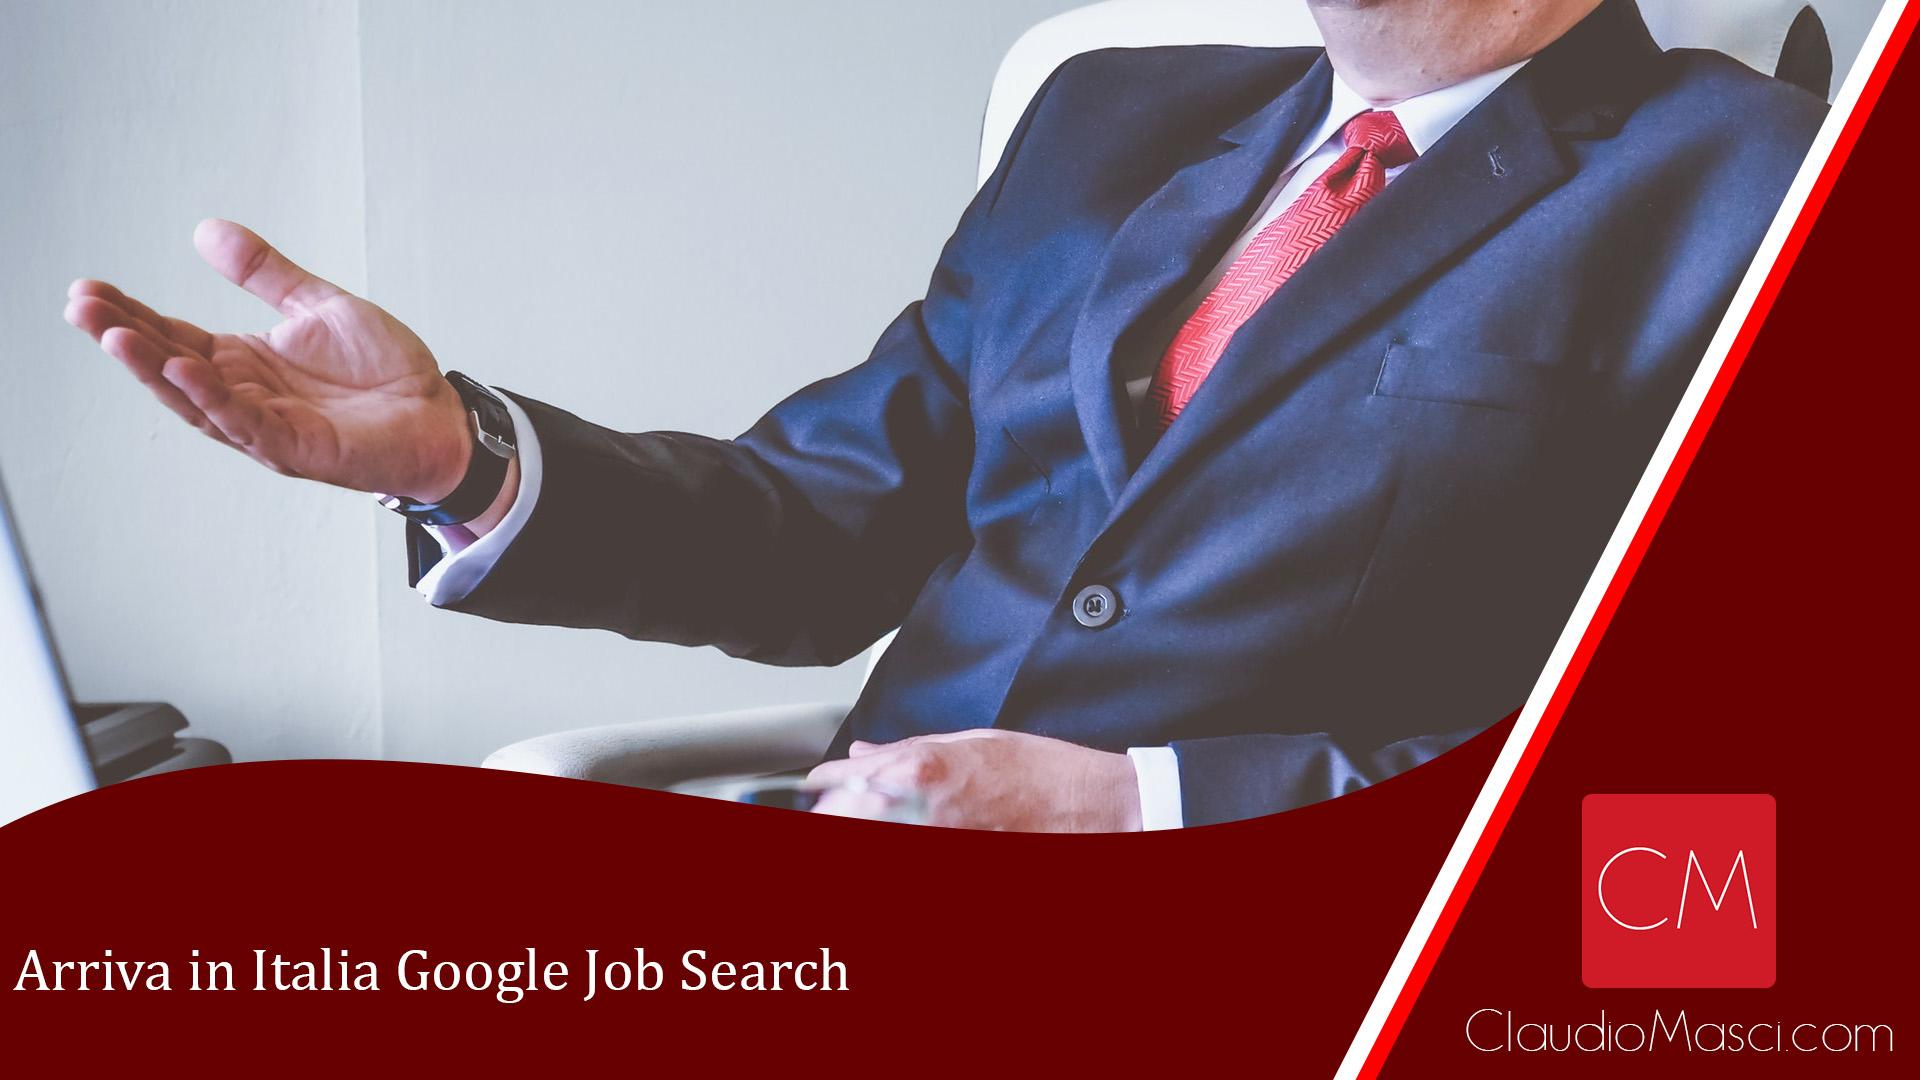 Arriva in Italia Google Job Search